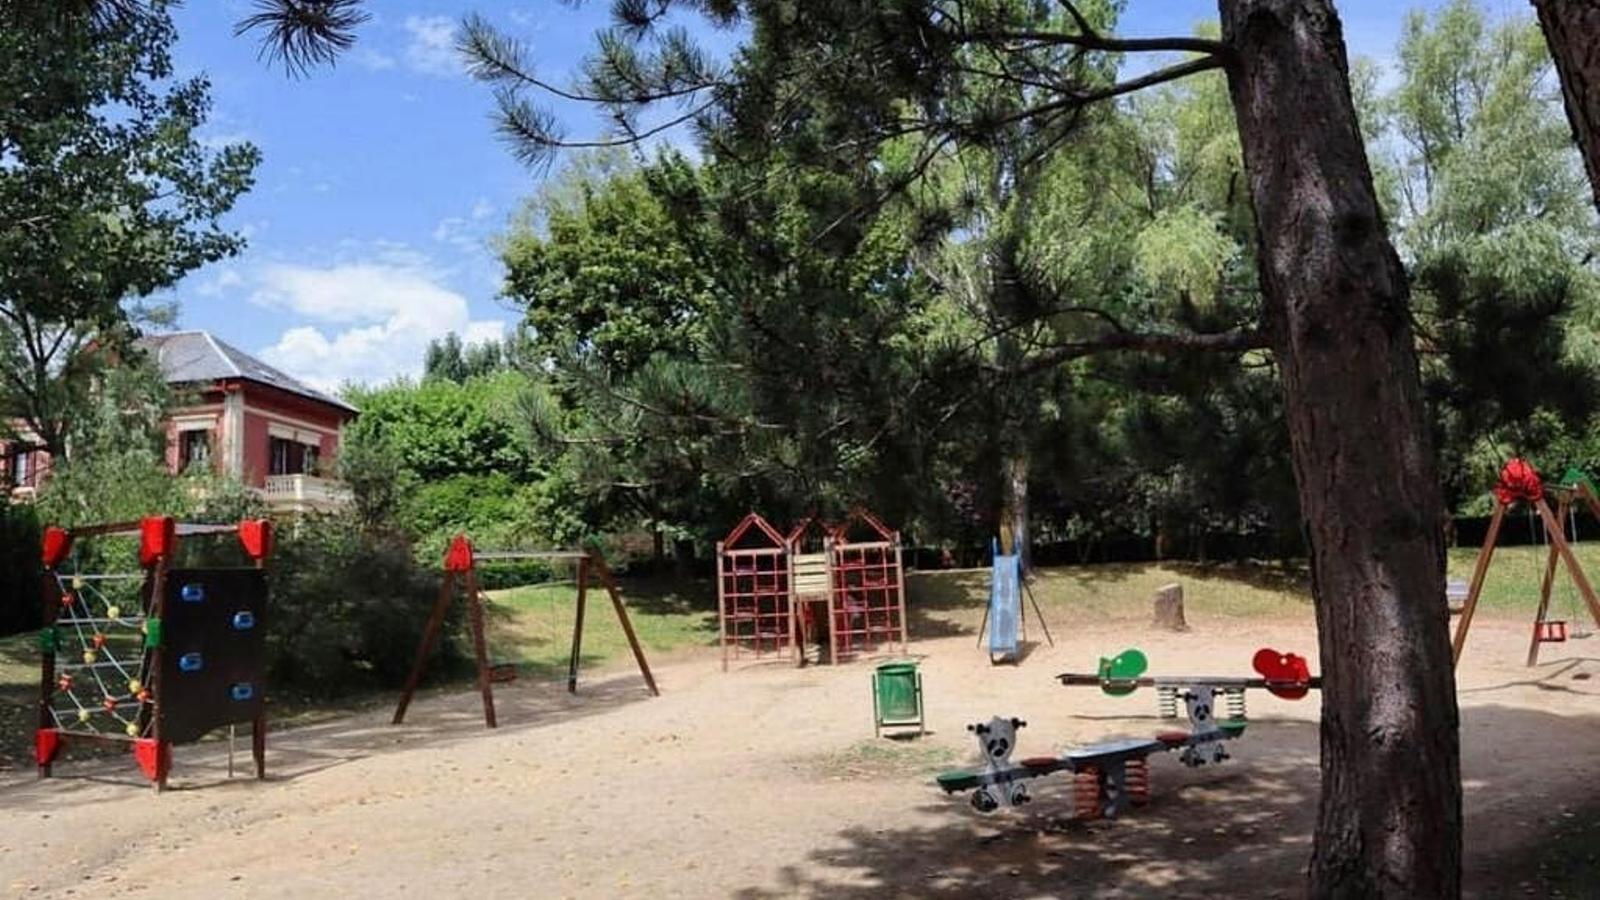 Un parc infantil de Puigcerdà. / AJUNTAMENT DE PUIGCERDÀ